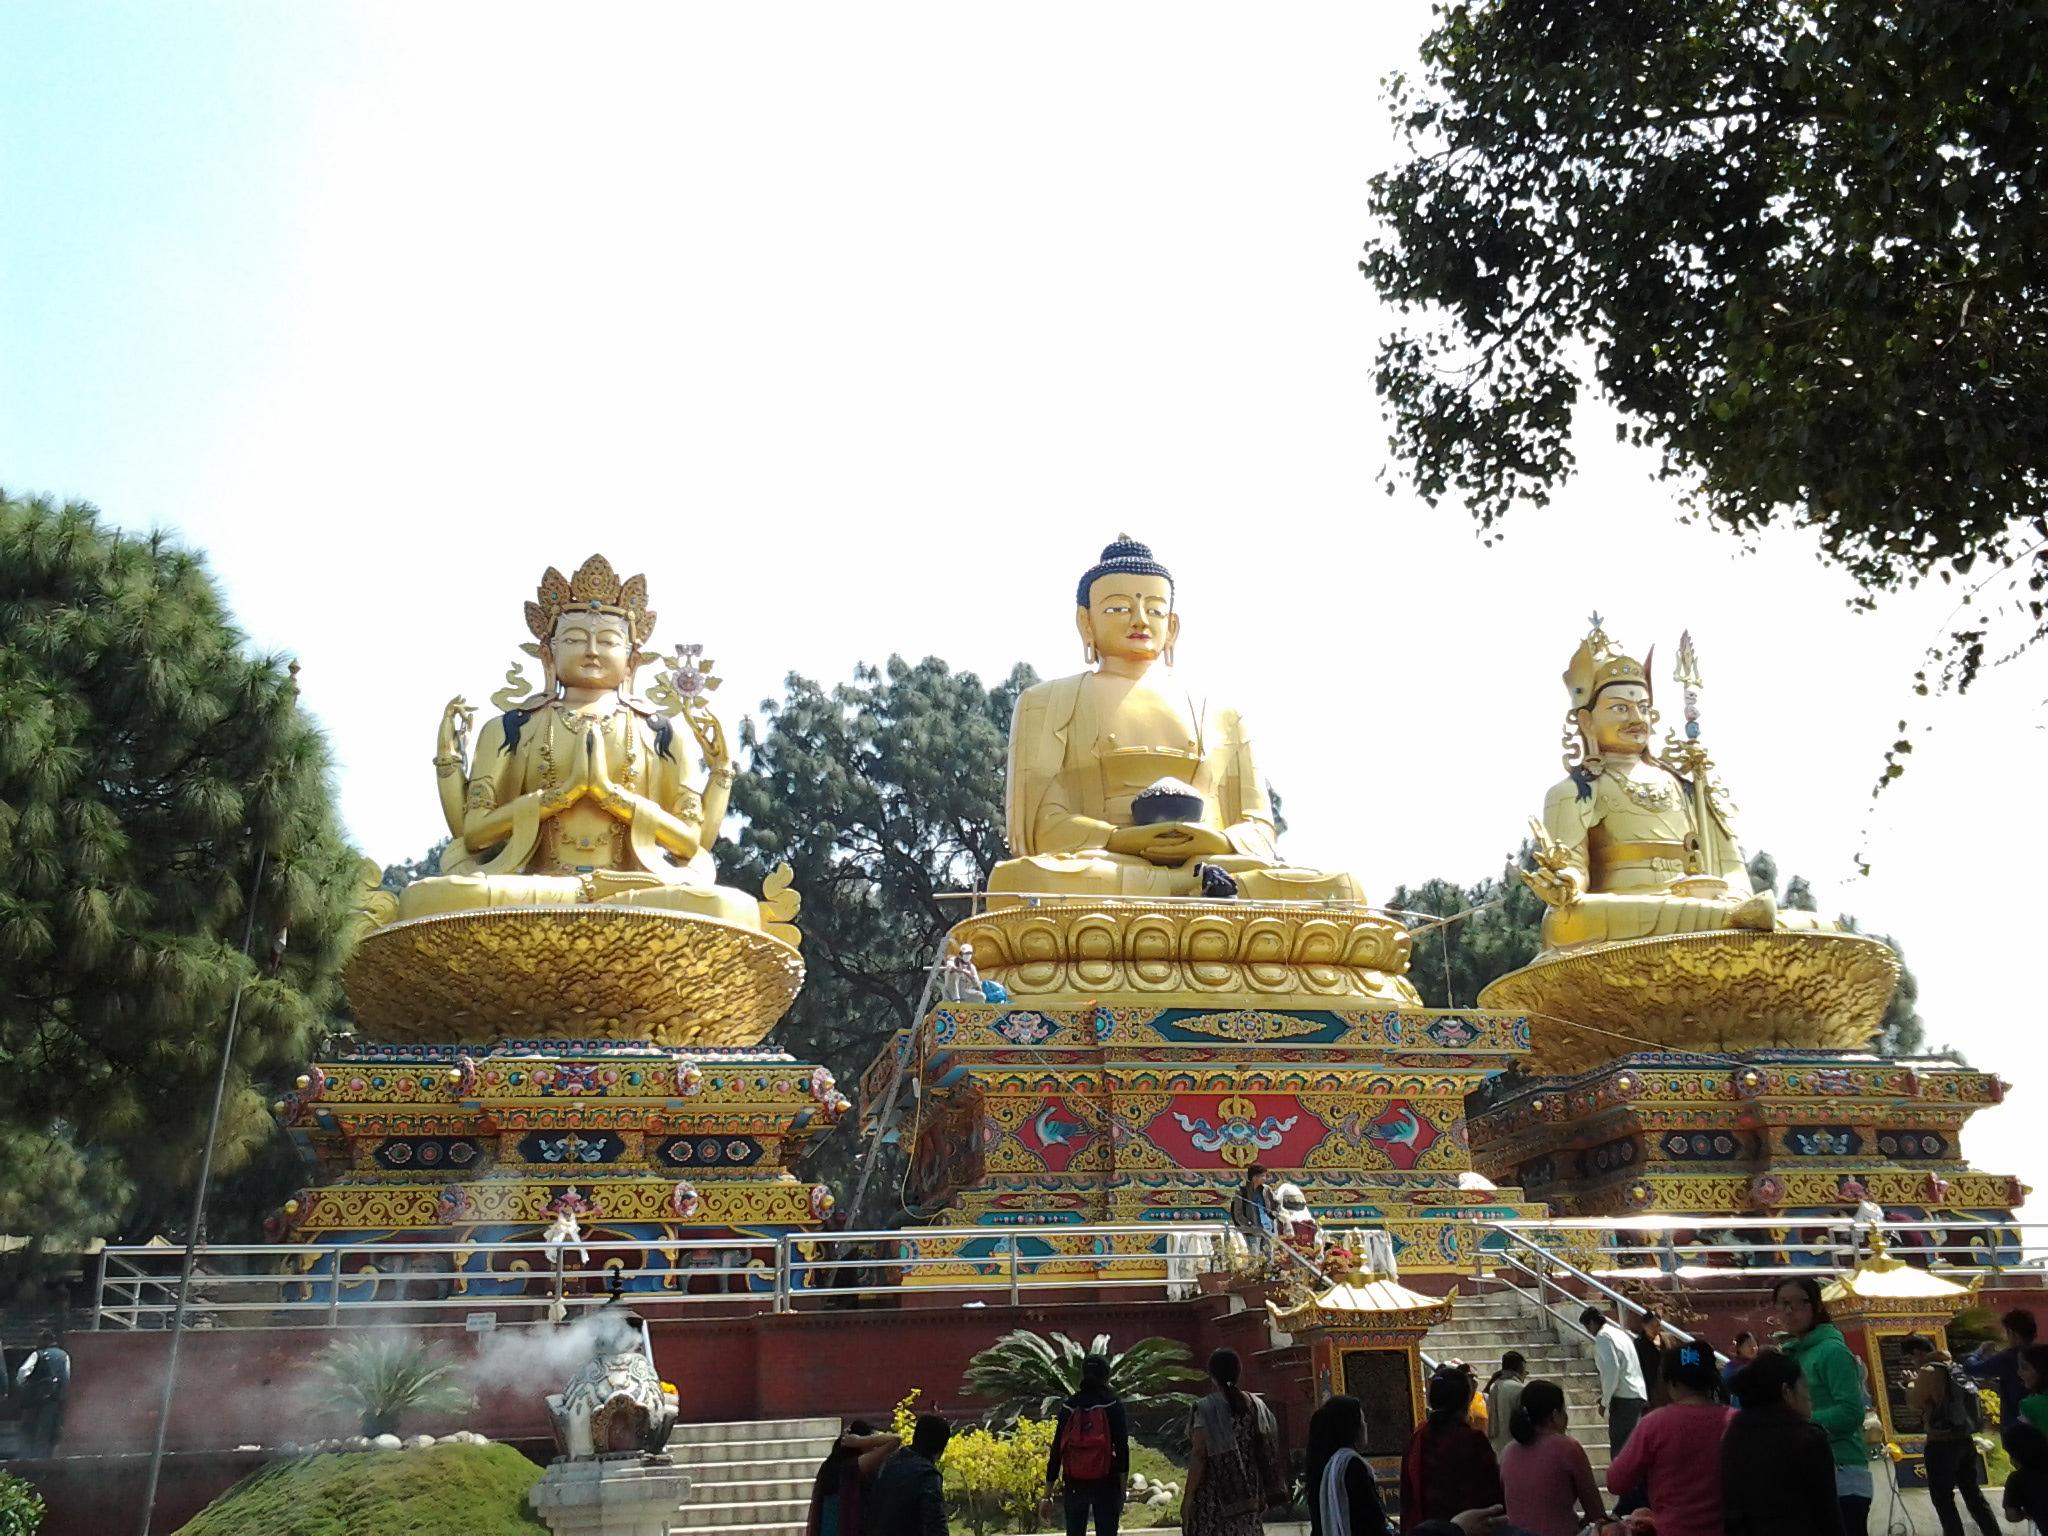 stupa of Swayambhu and the Park of the Three Buddhas